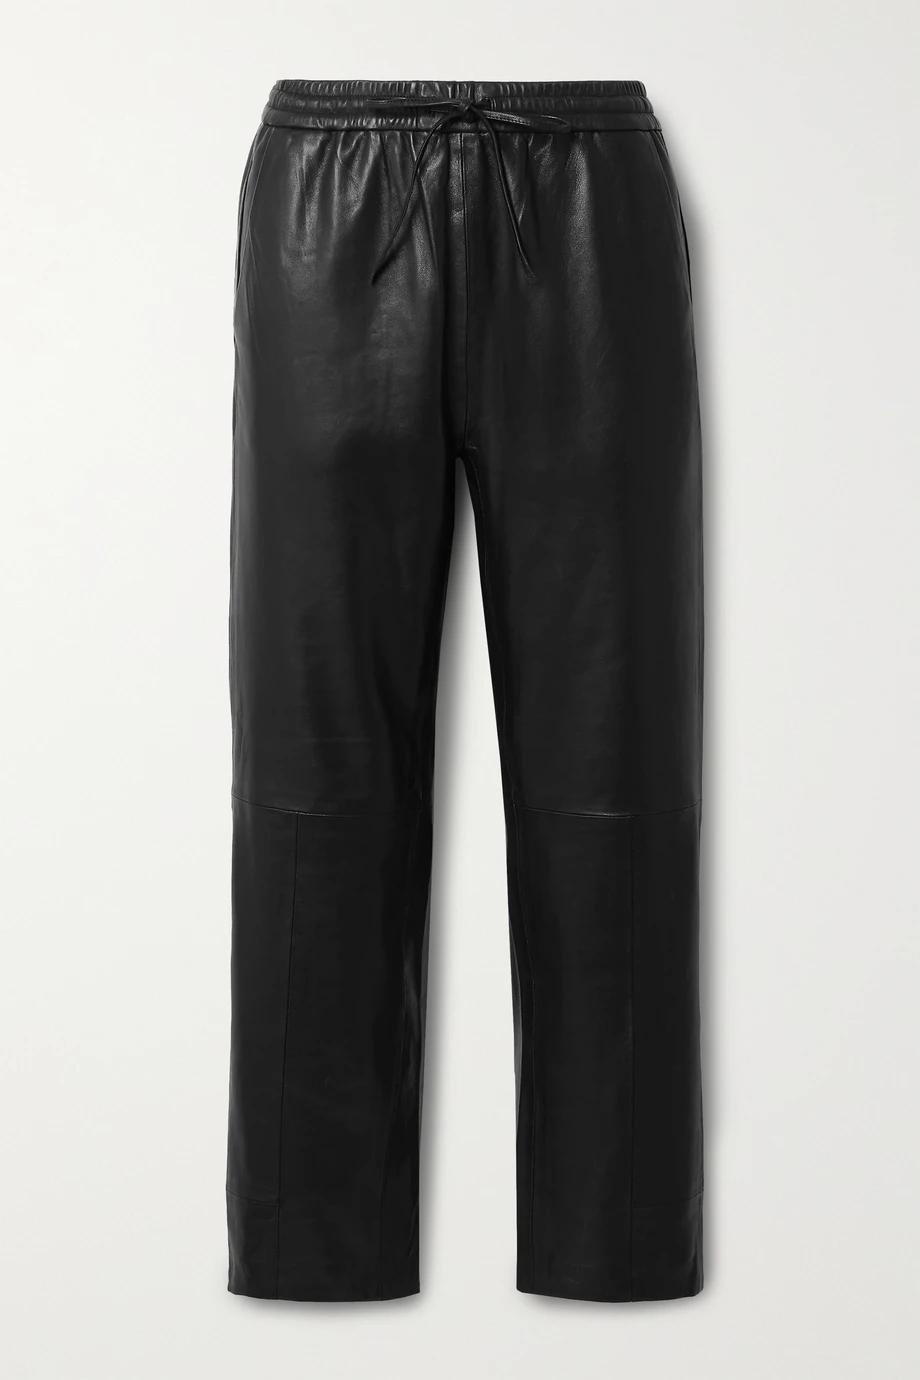 J Brand kožne hlače jogger model 2021.